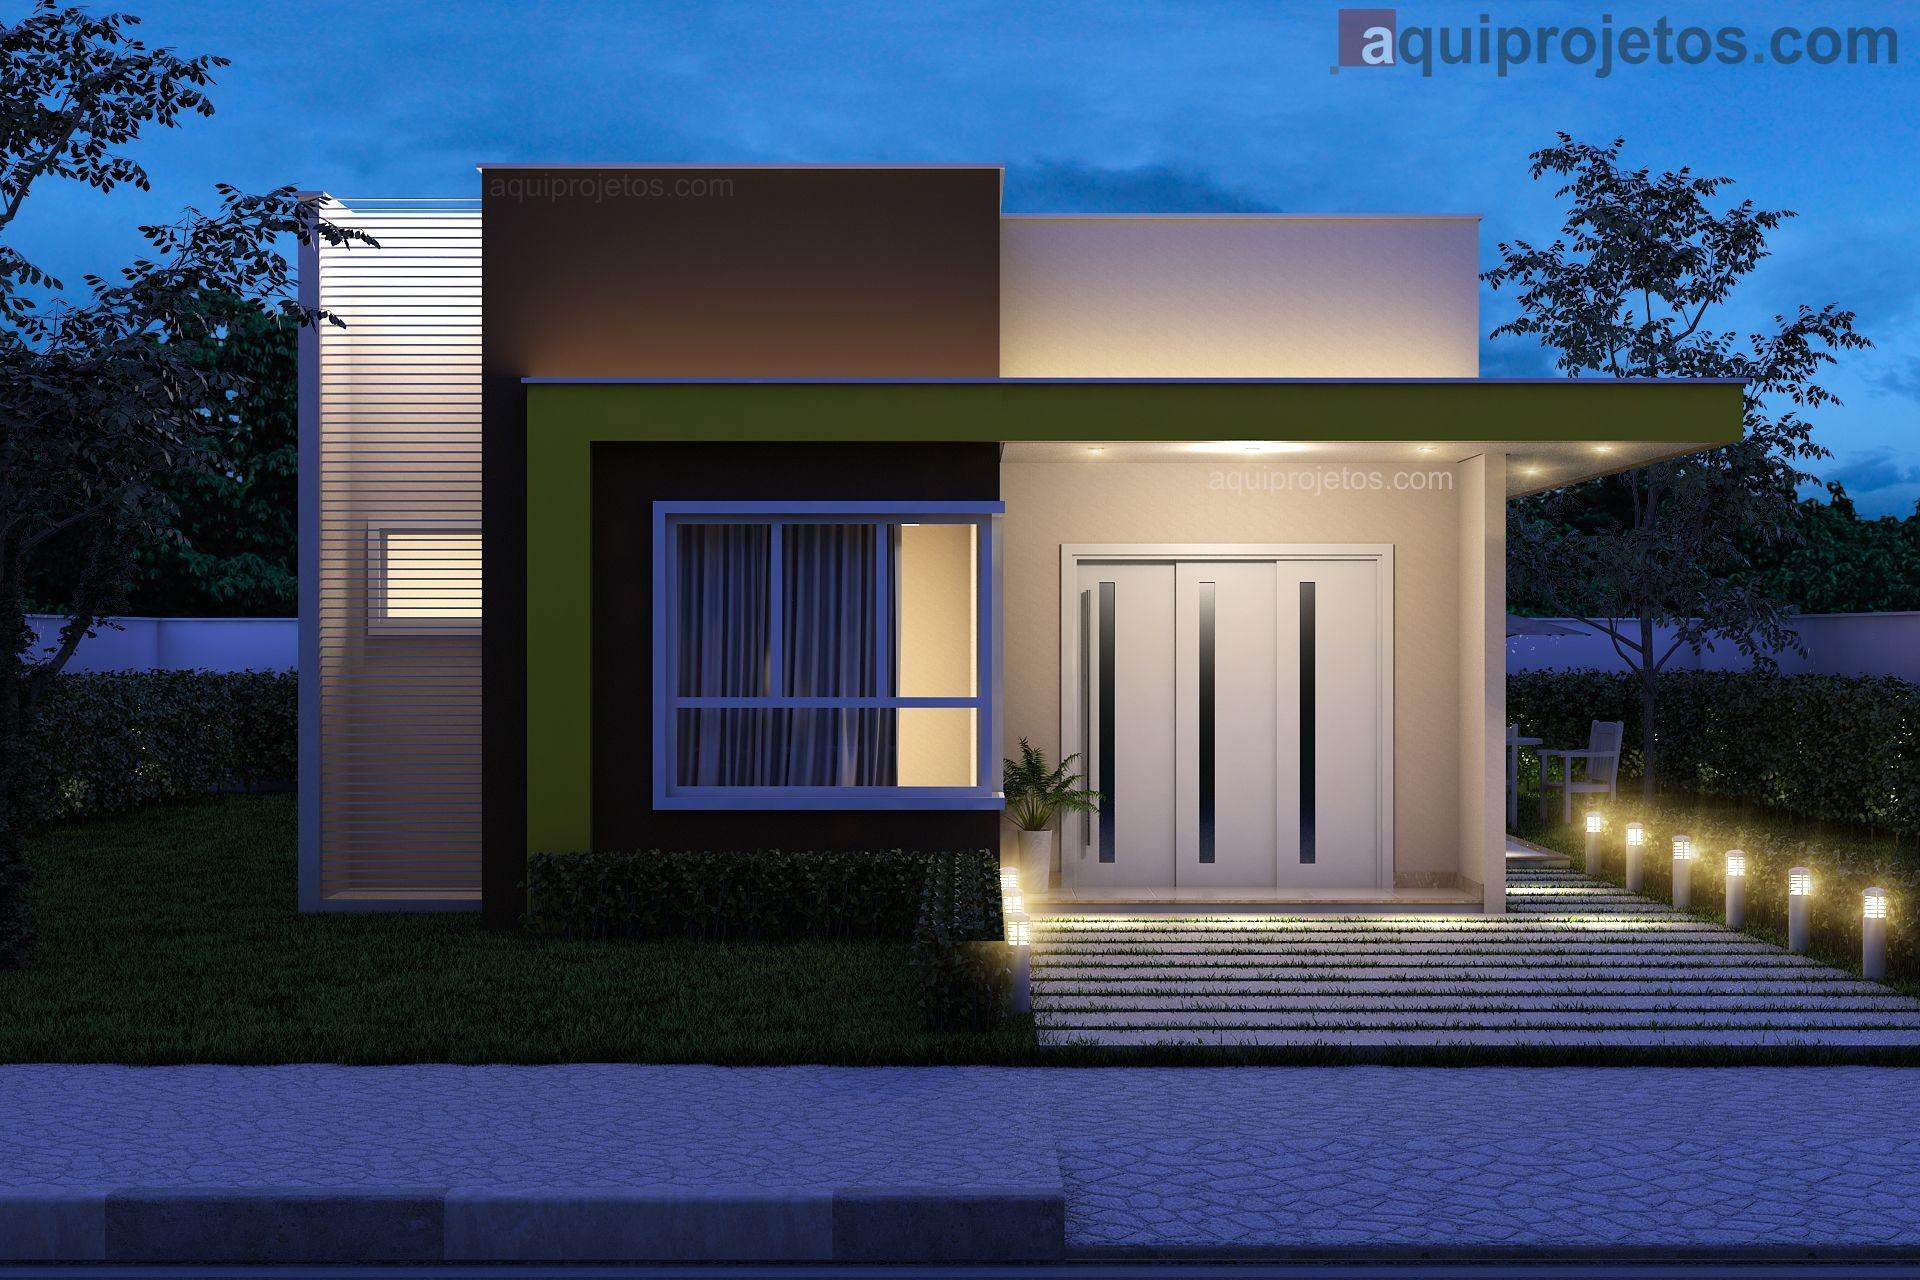 Fachada frontal noturna moderna casa térrea 1 pavimento andar - Projeto Macapá - Cod H14 – aquiprojetos